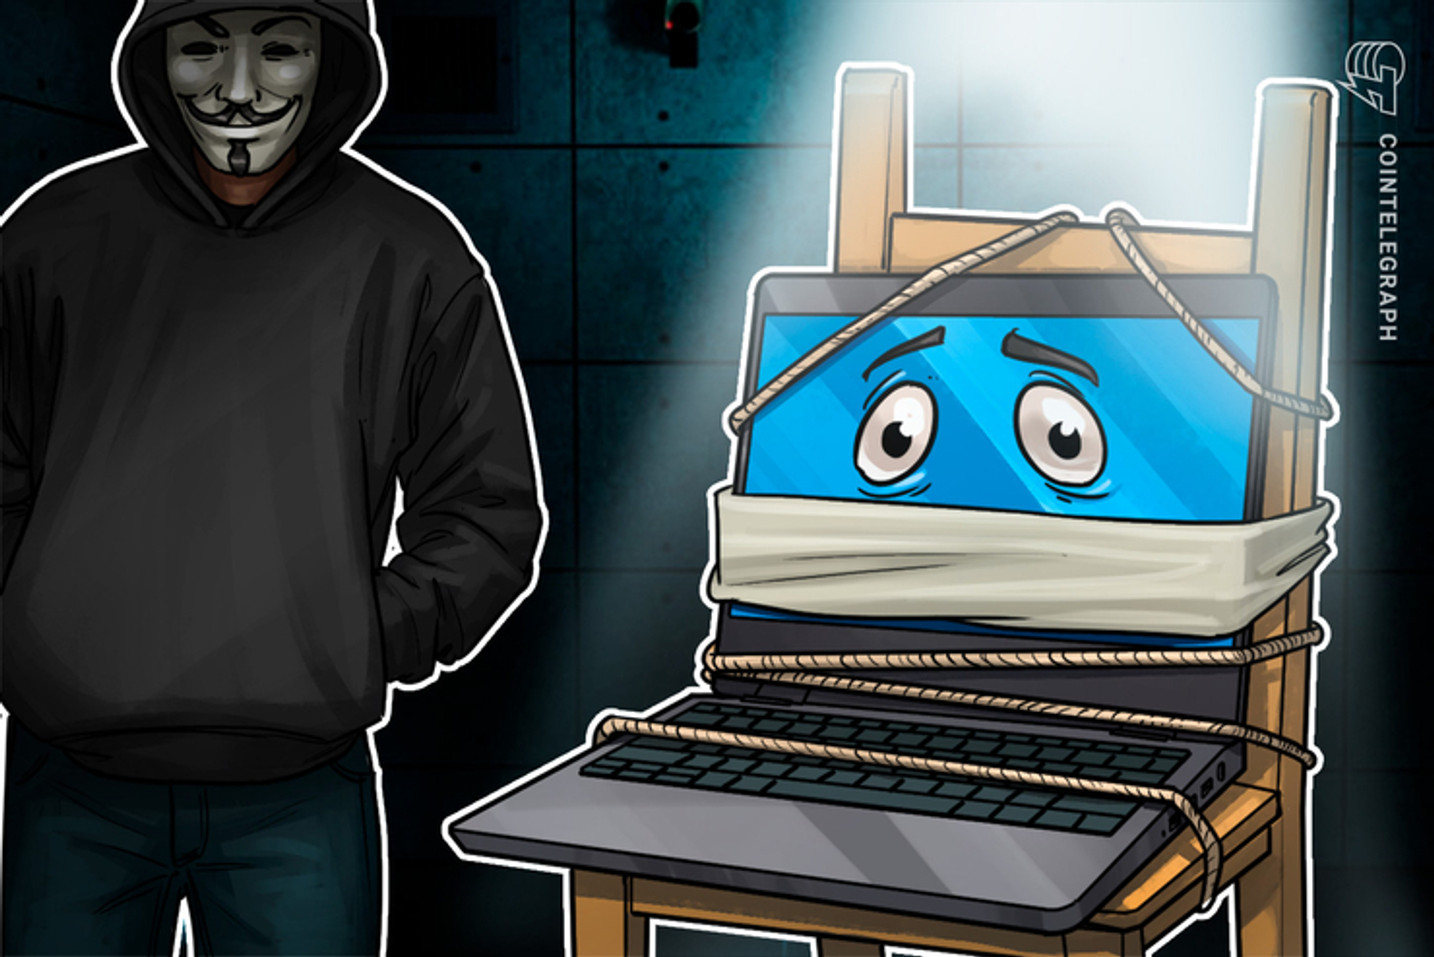 Hackean Prosegur. La empresa de seguridad es víctima de ciberataque con ransomware